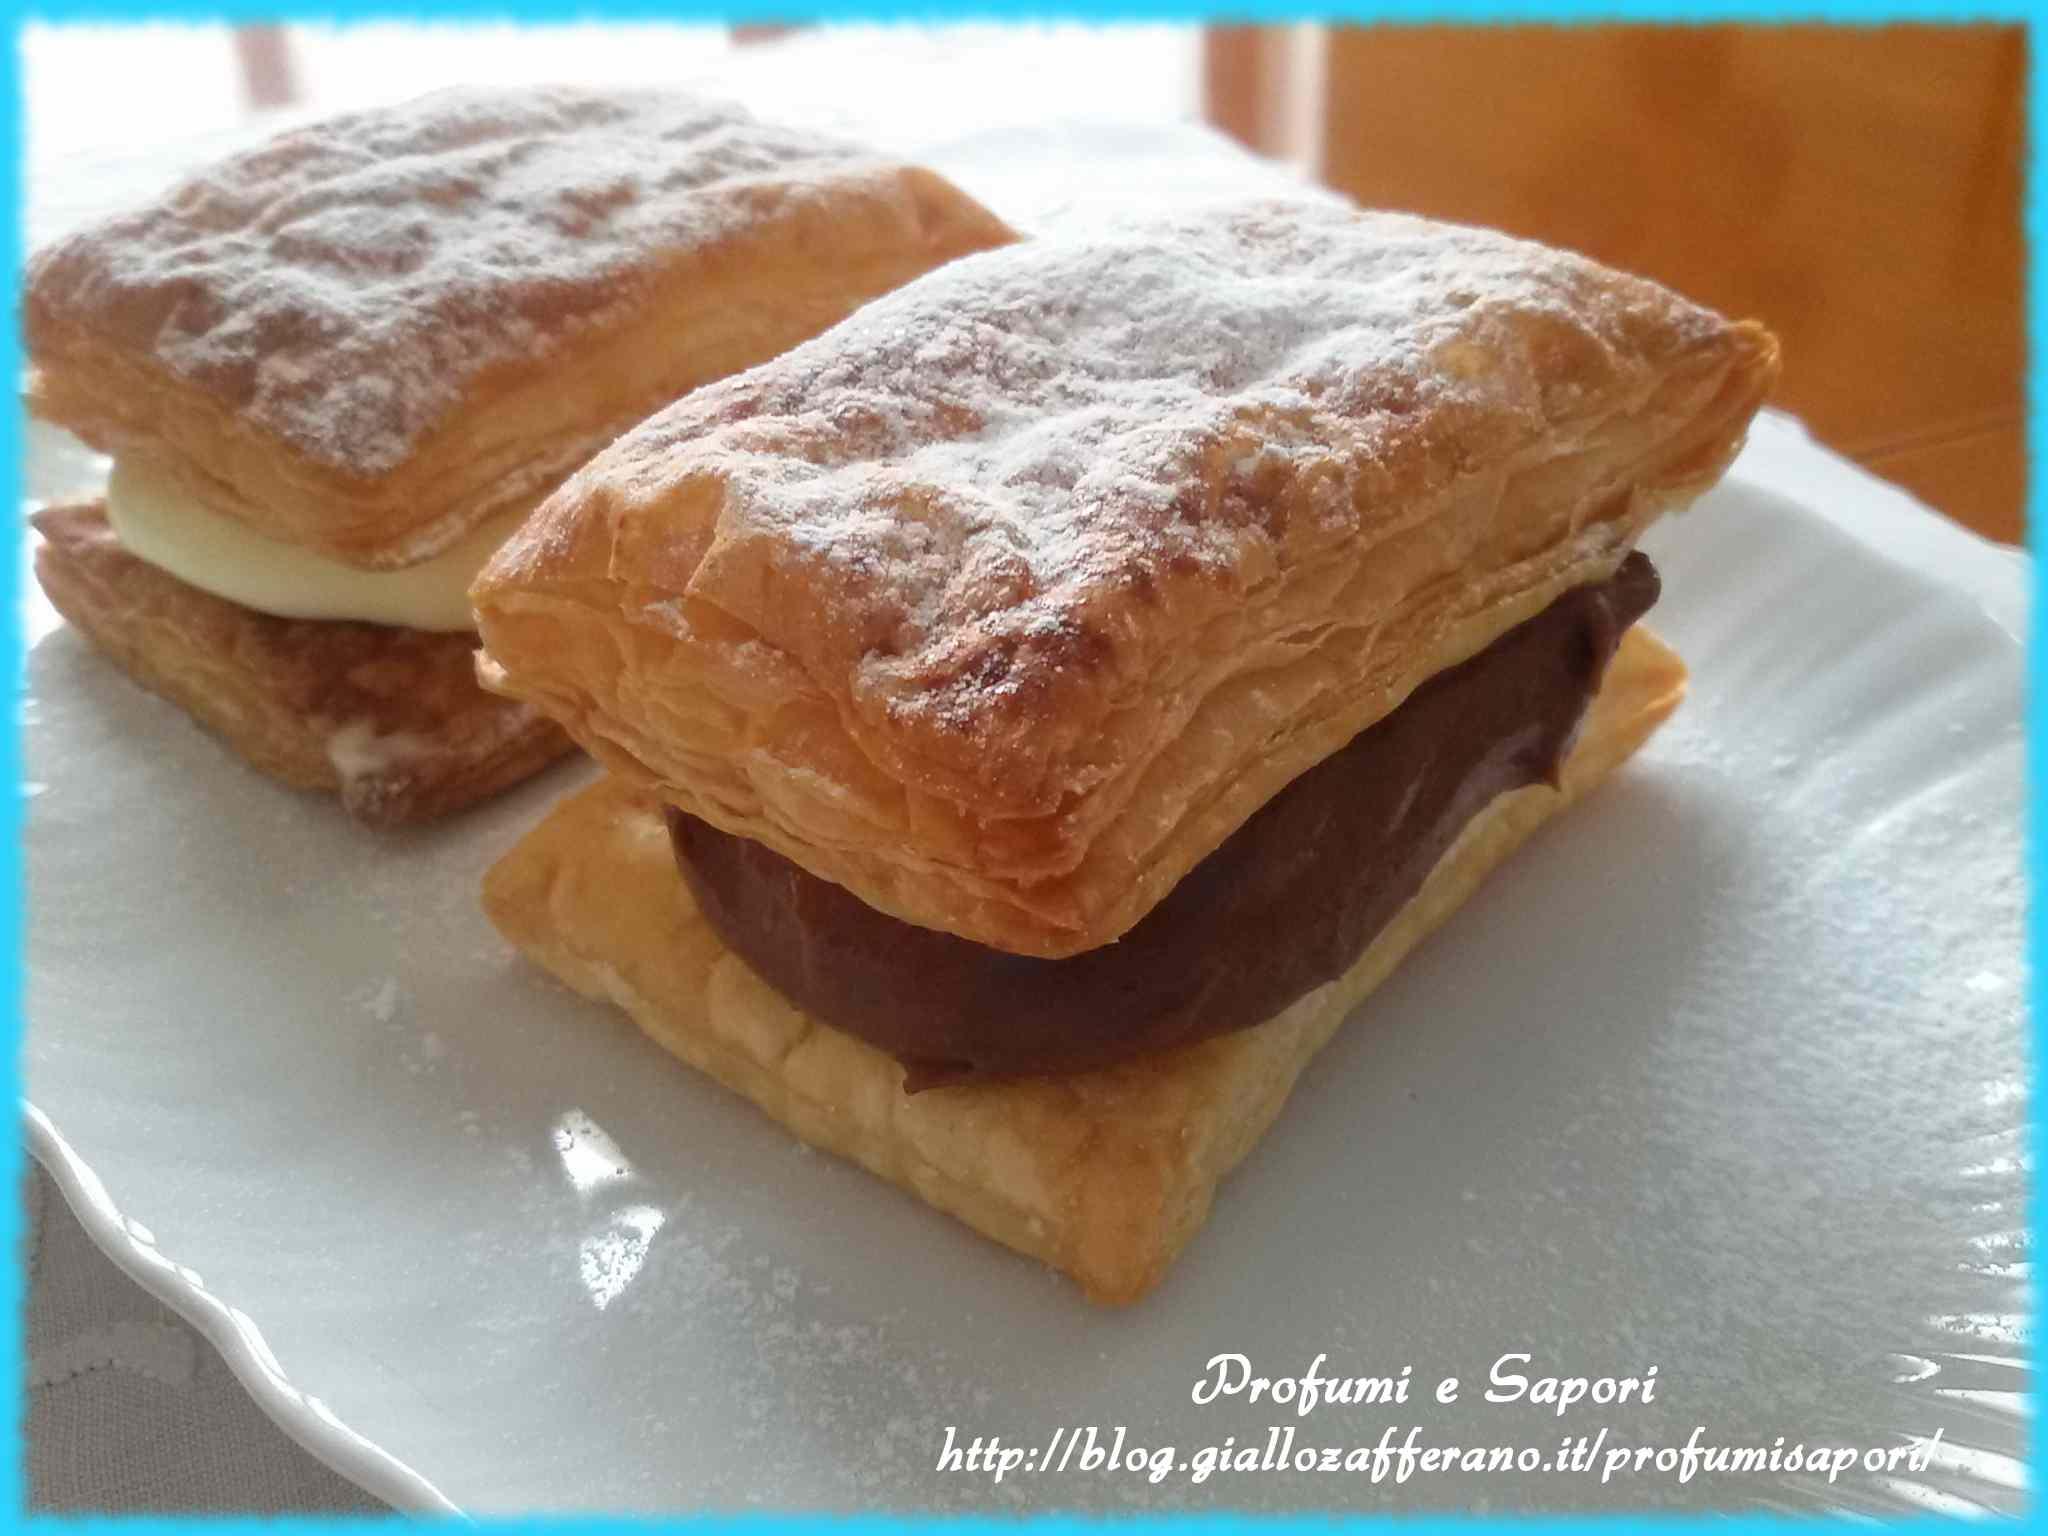 Ricetta: Millefoglie al cioccolato e crema chantilly